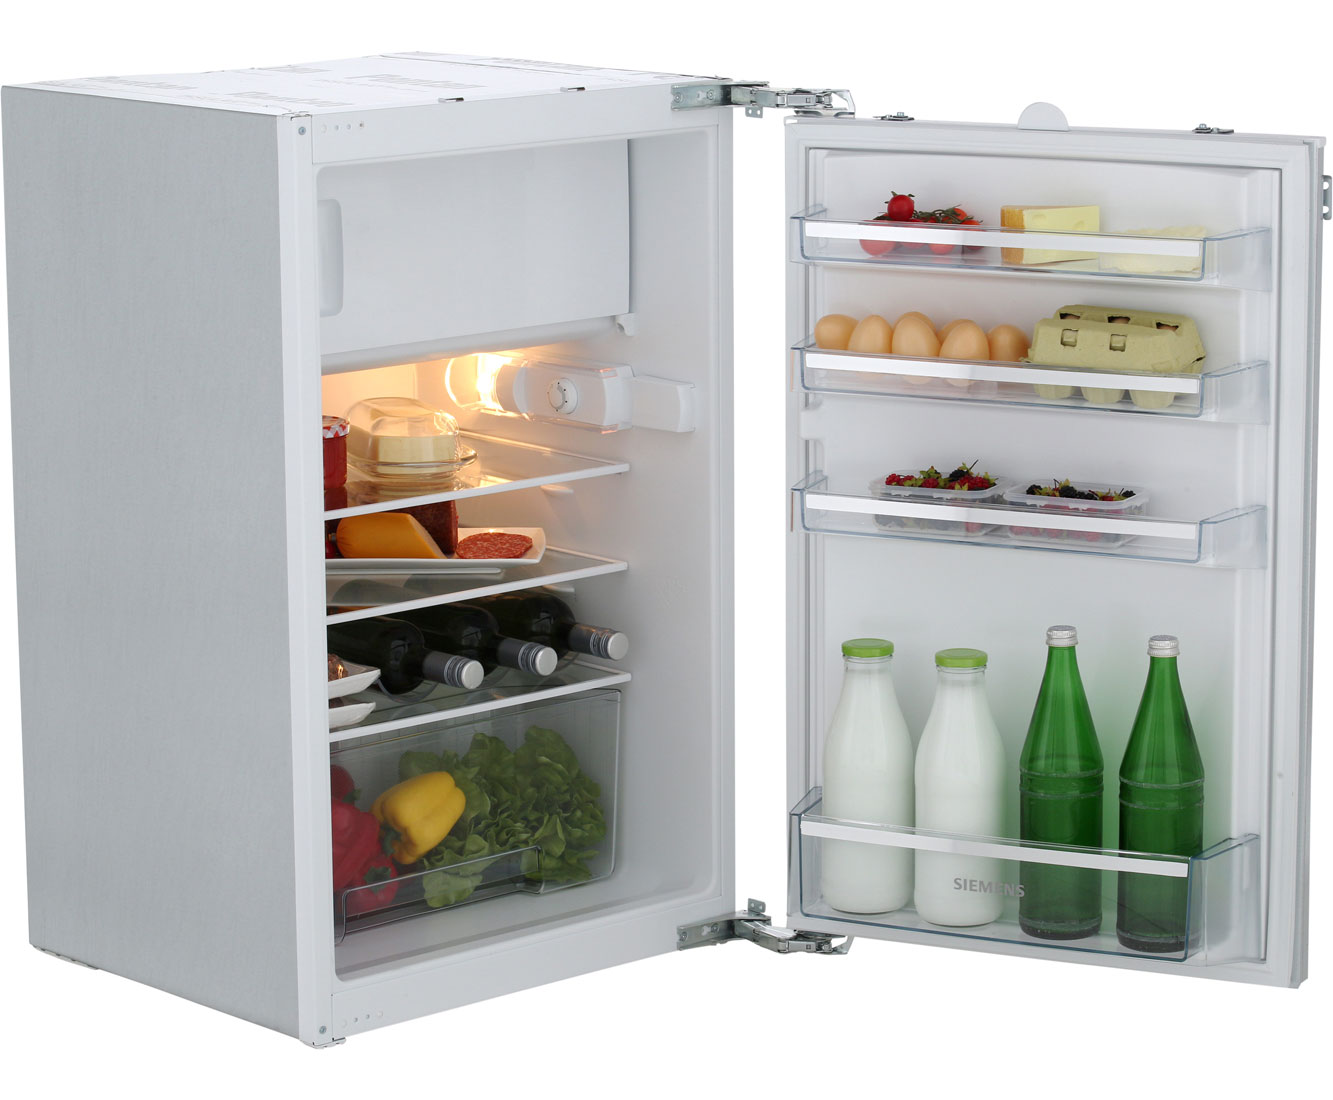 Aeg Kühlschrank Rtb91531aw : Aeg kühlschrank rtb aw kiosk kühlschrank in köln porz